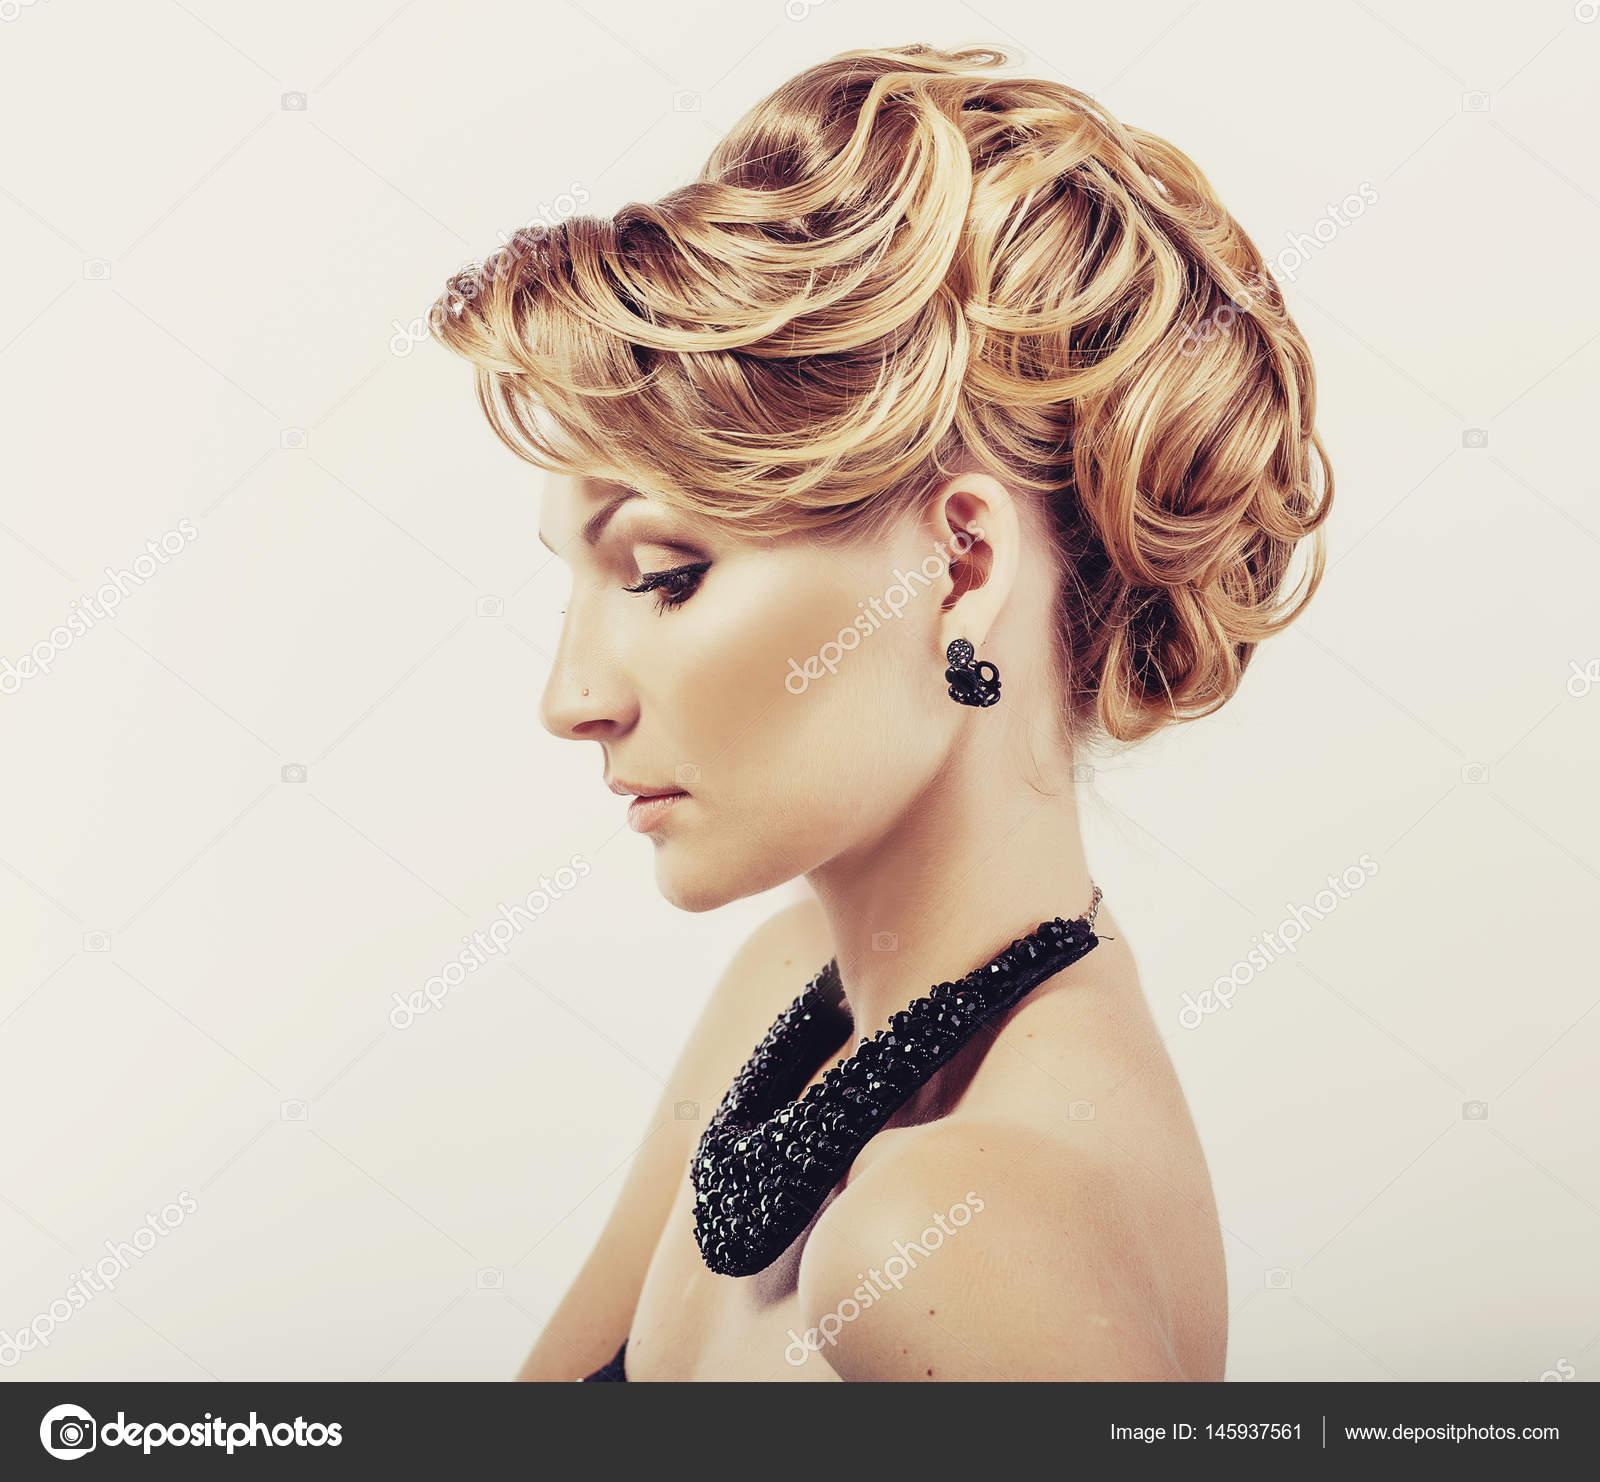 ad94208b19d5 bella donna con capelli biondi che indossa tubino nero